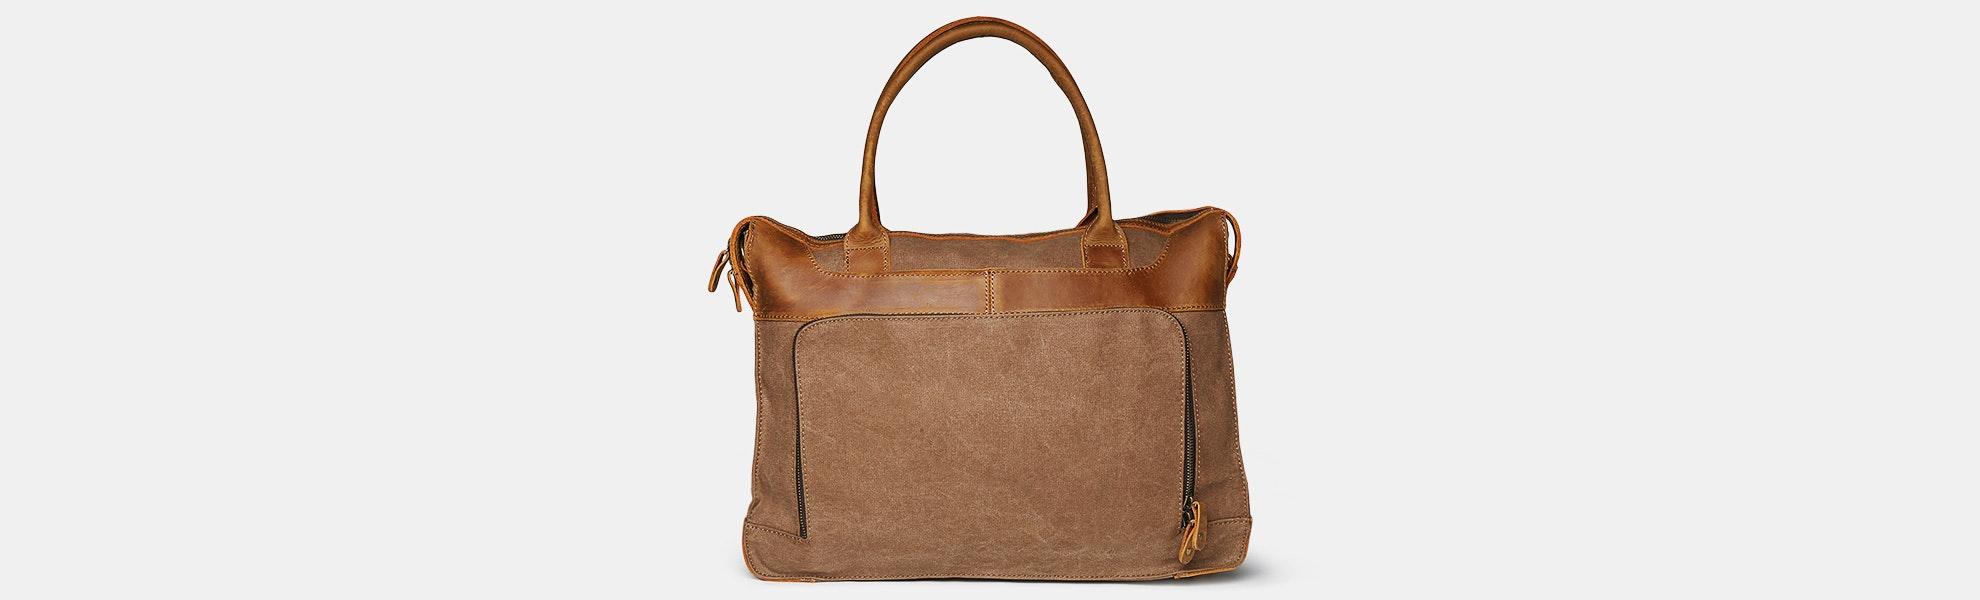 Travables The Executive Laptop Bag